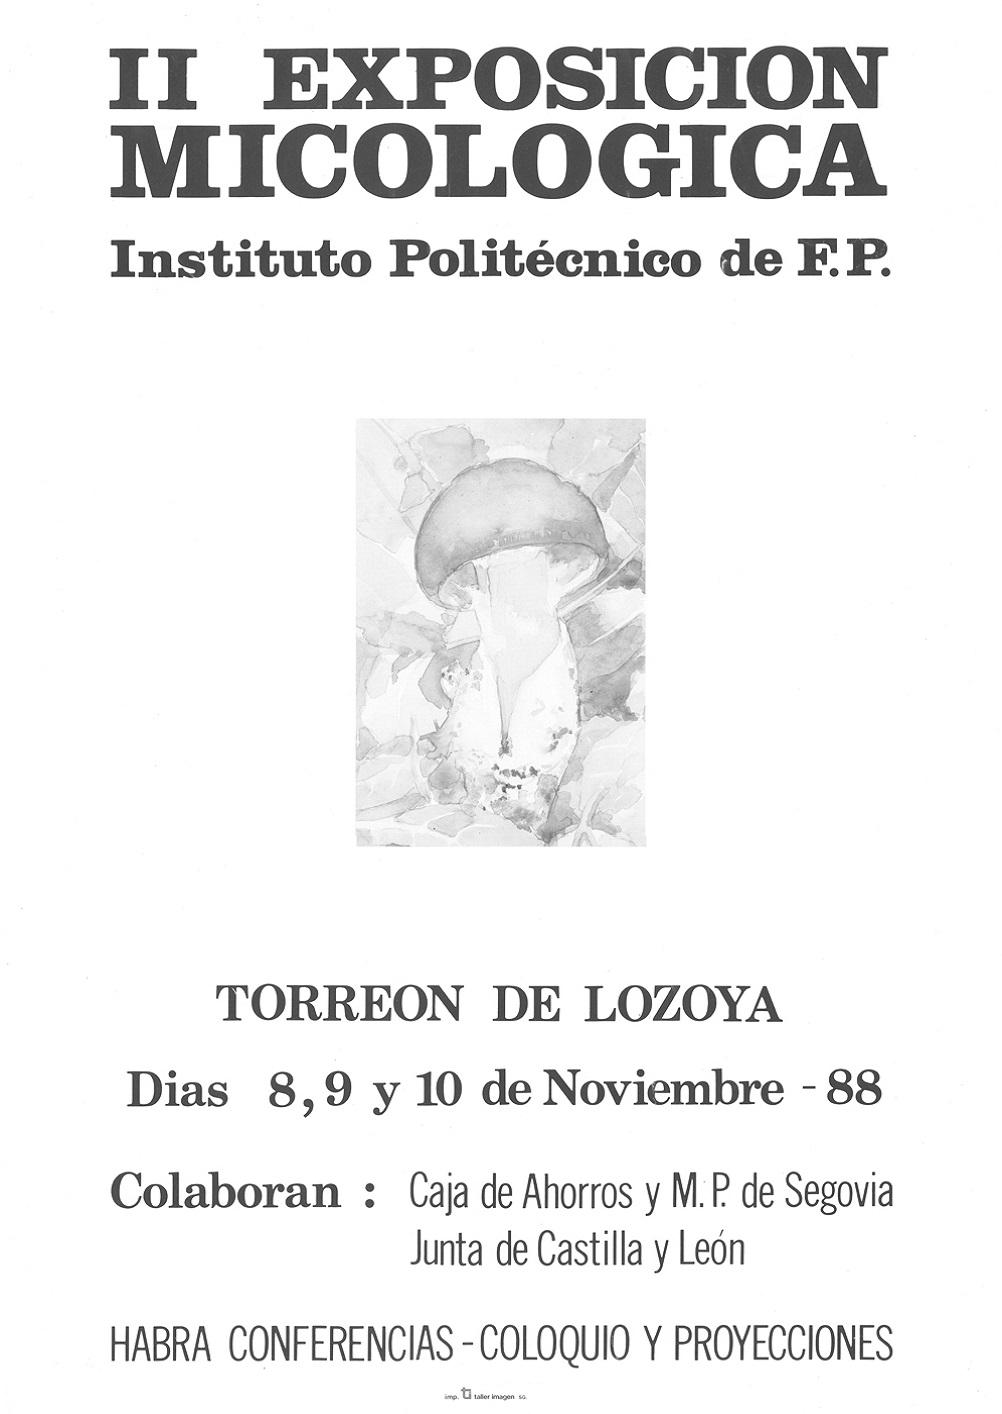 Exposición II